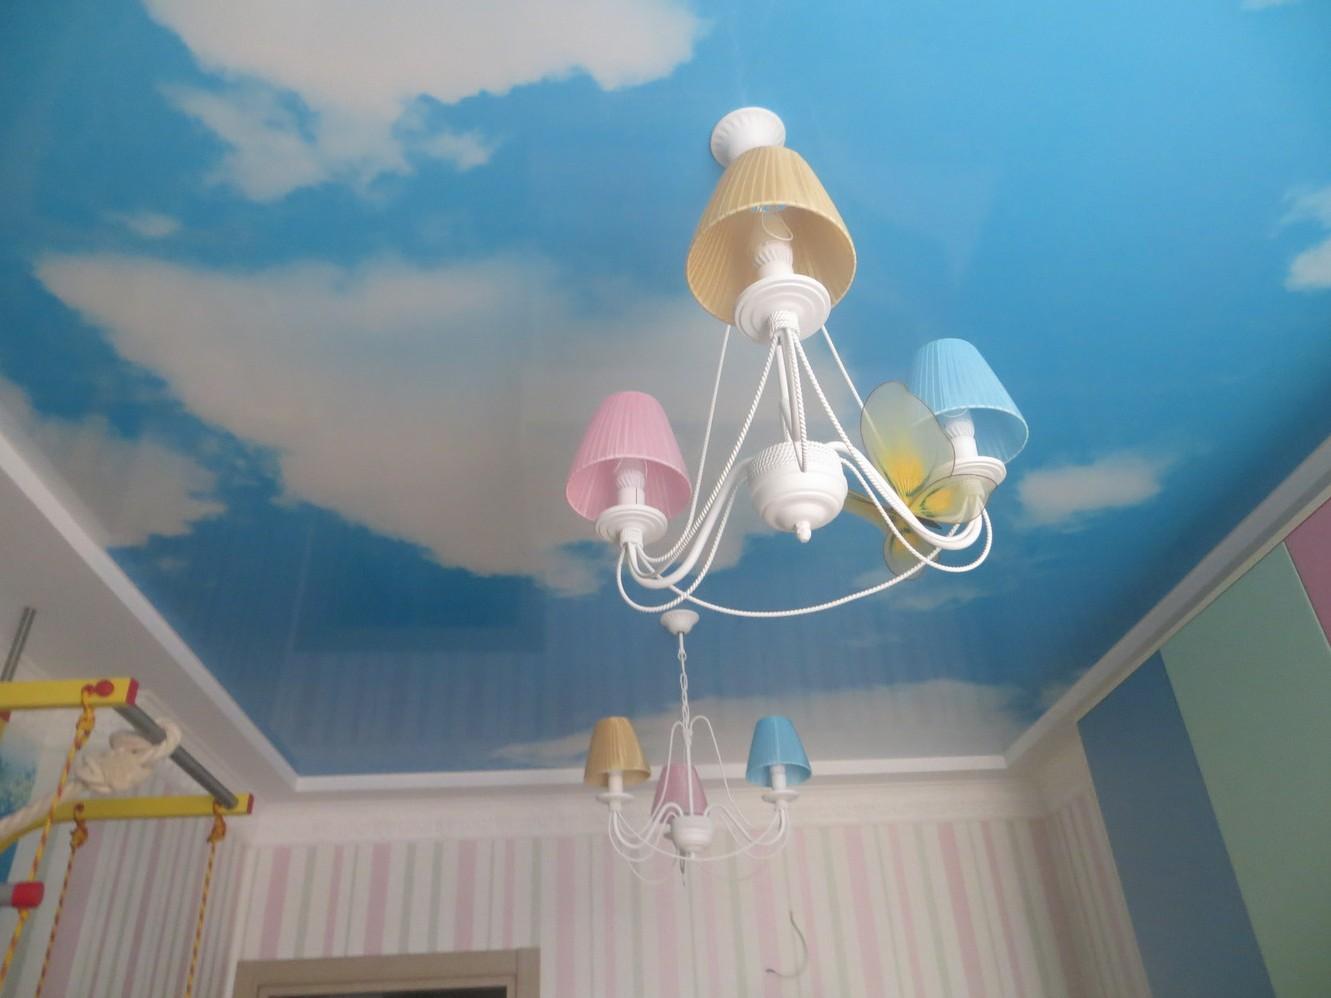 Голубой потолок с фотопринтом неба